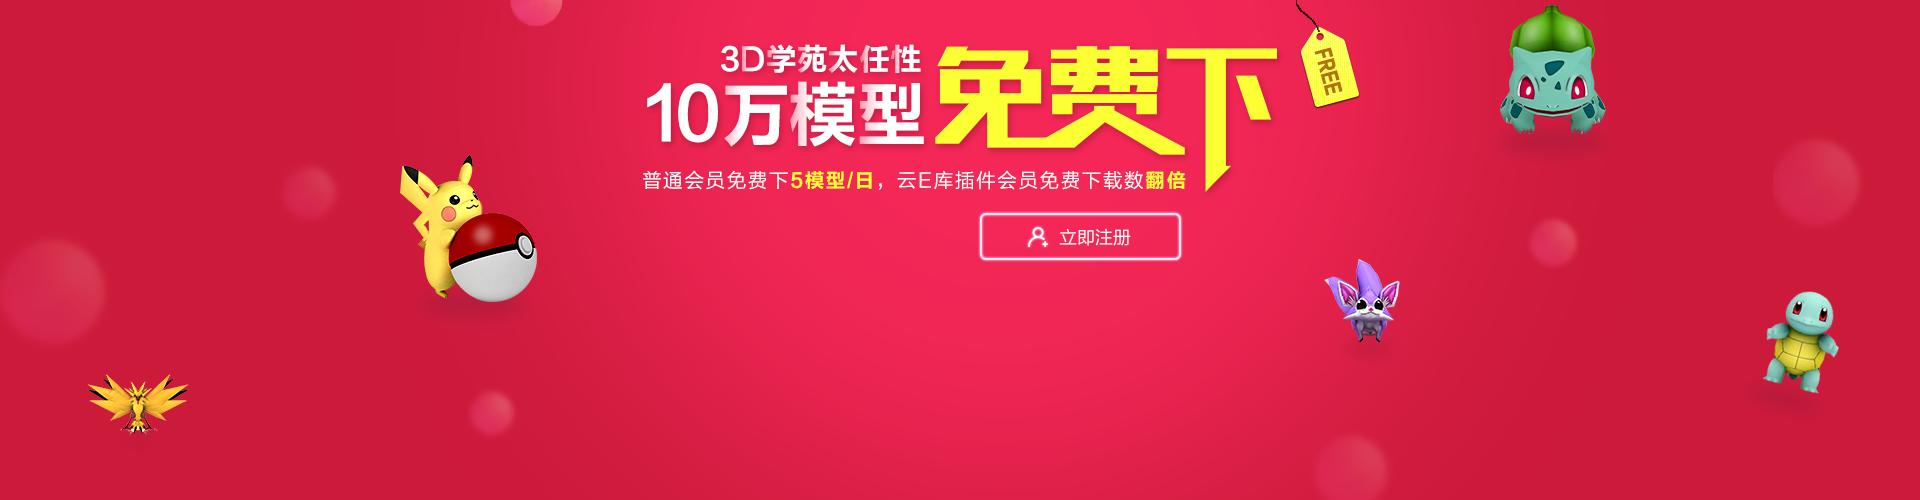 免费注册8万3d模型免费下载